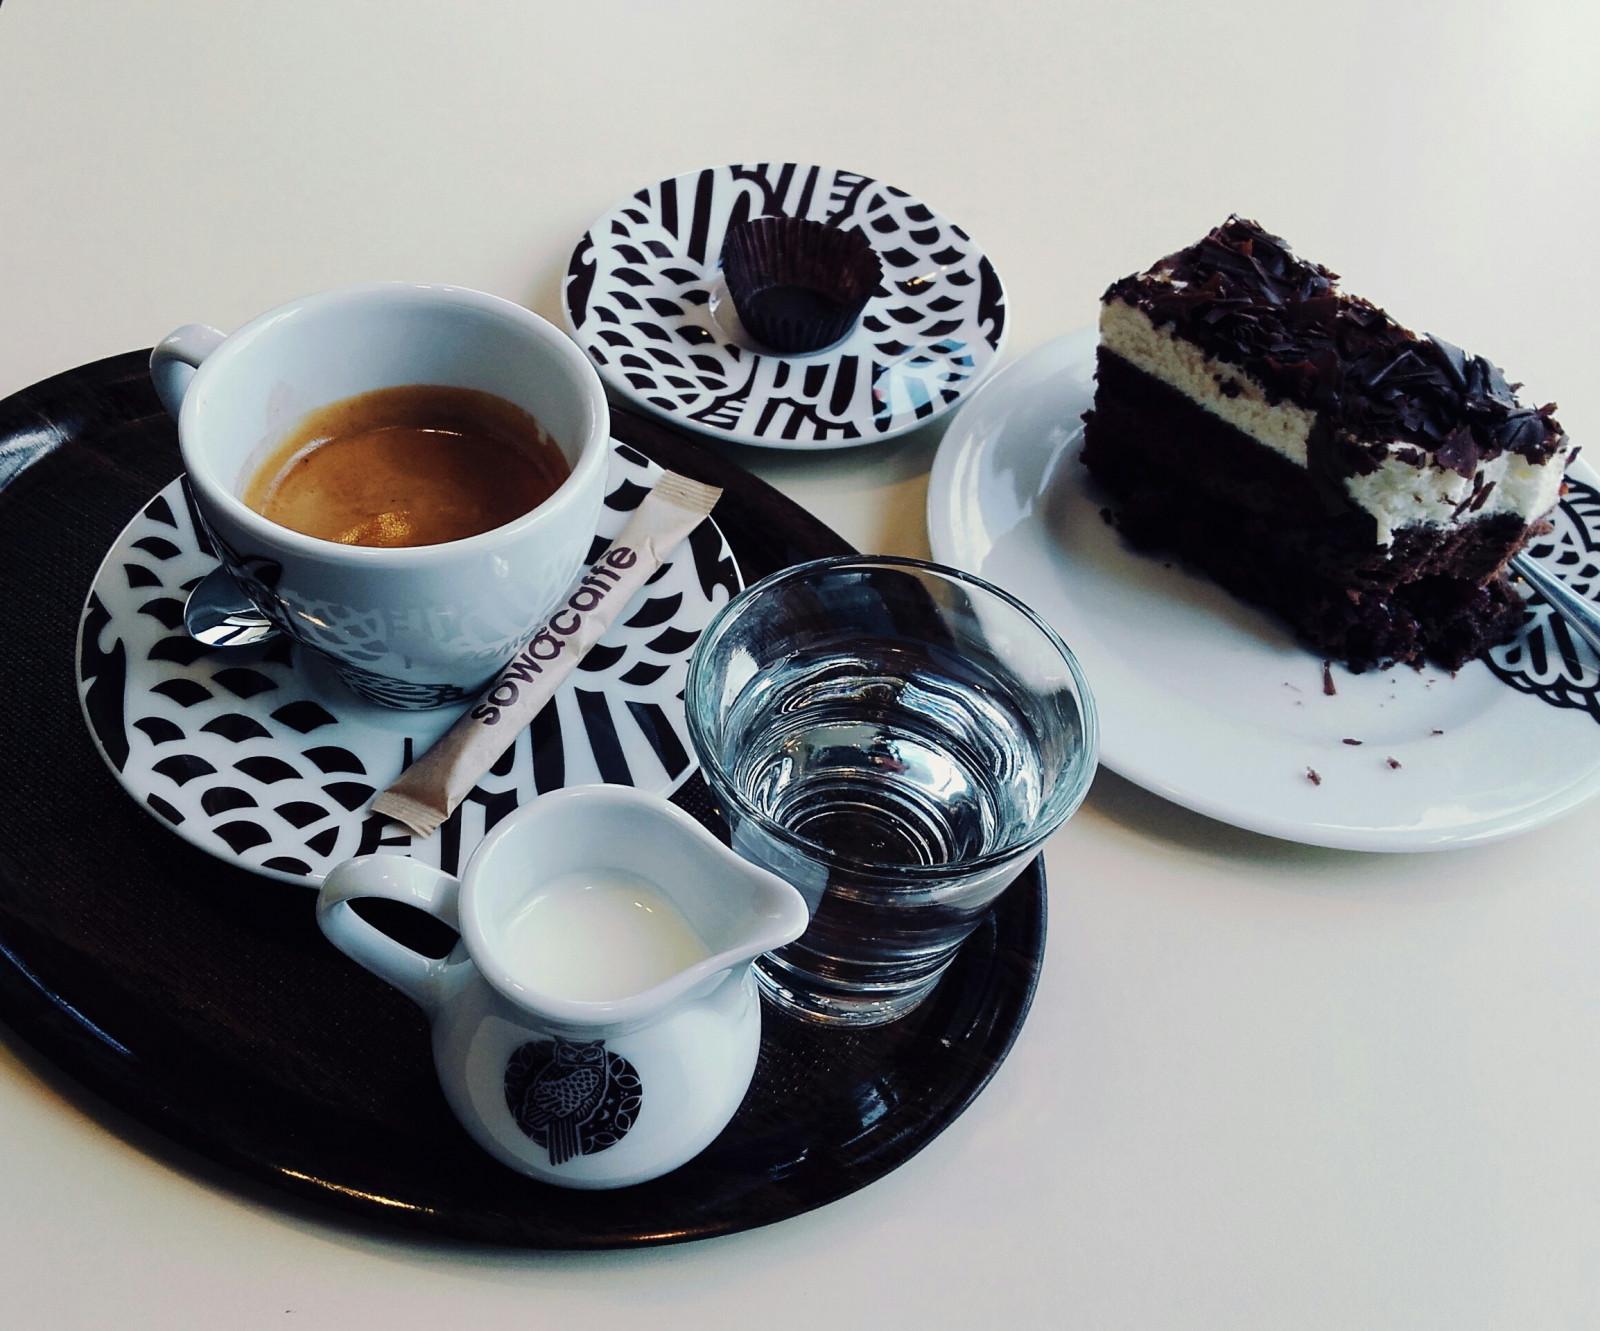 Открытки две чашки кофе и тортики, прикольные картинки картинки